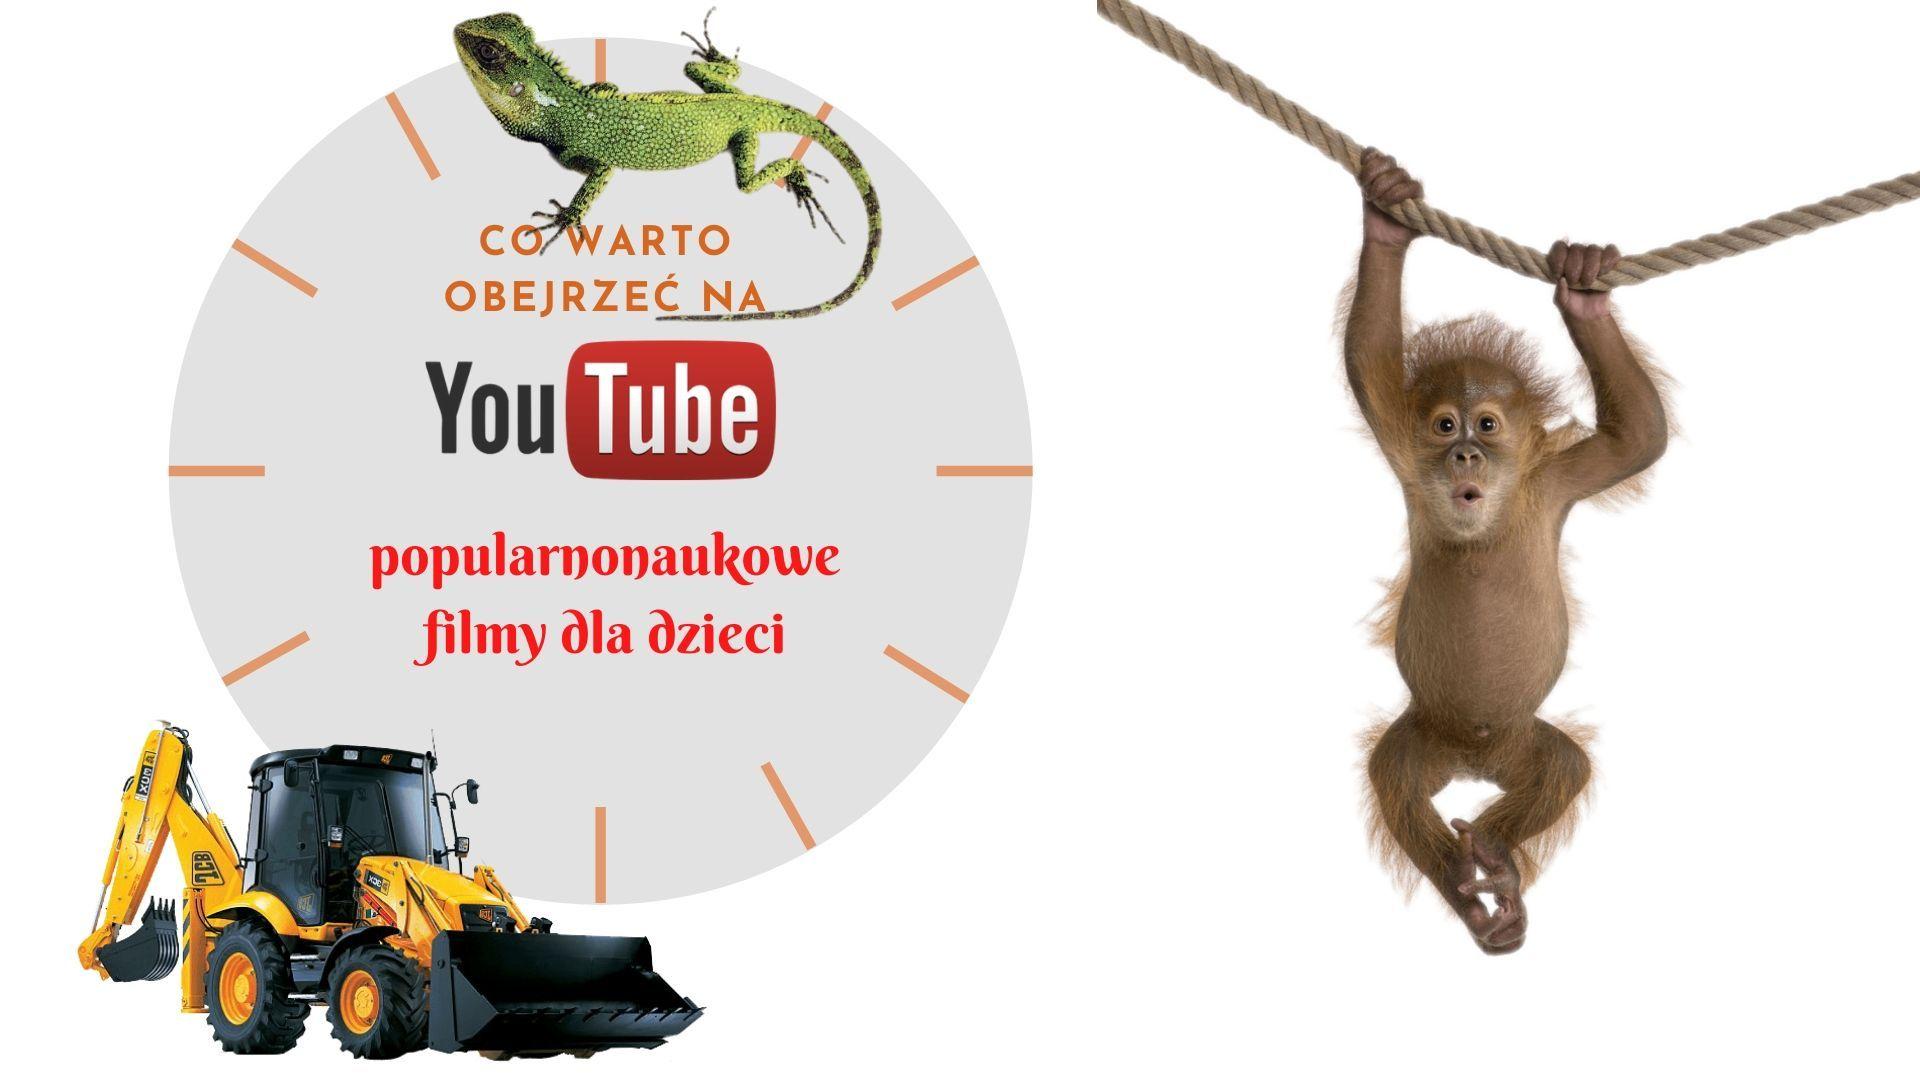 Co obejrzeć na YouTube - popularnonaukowe i przyrodnicze filmy dla dzieci